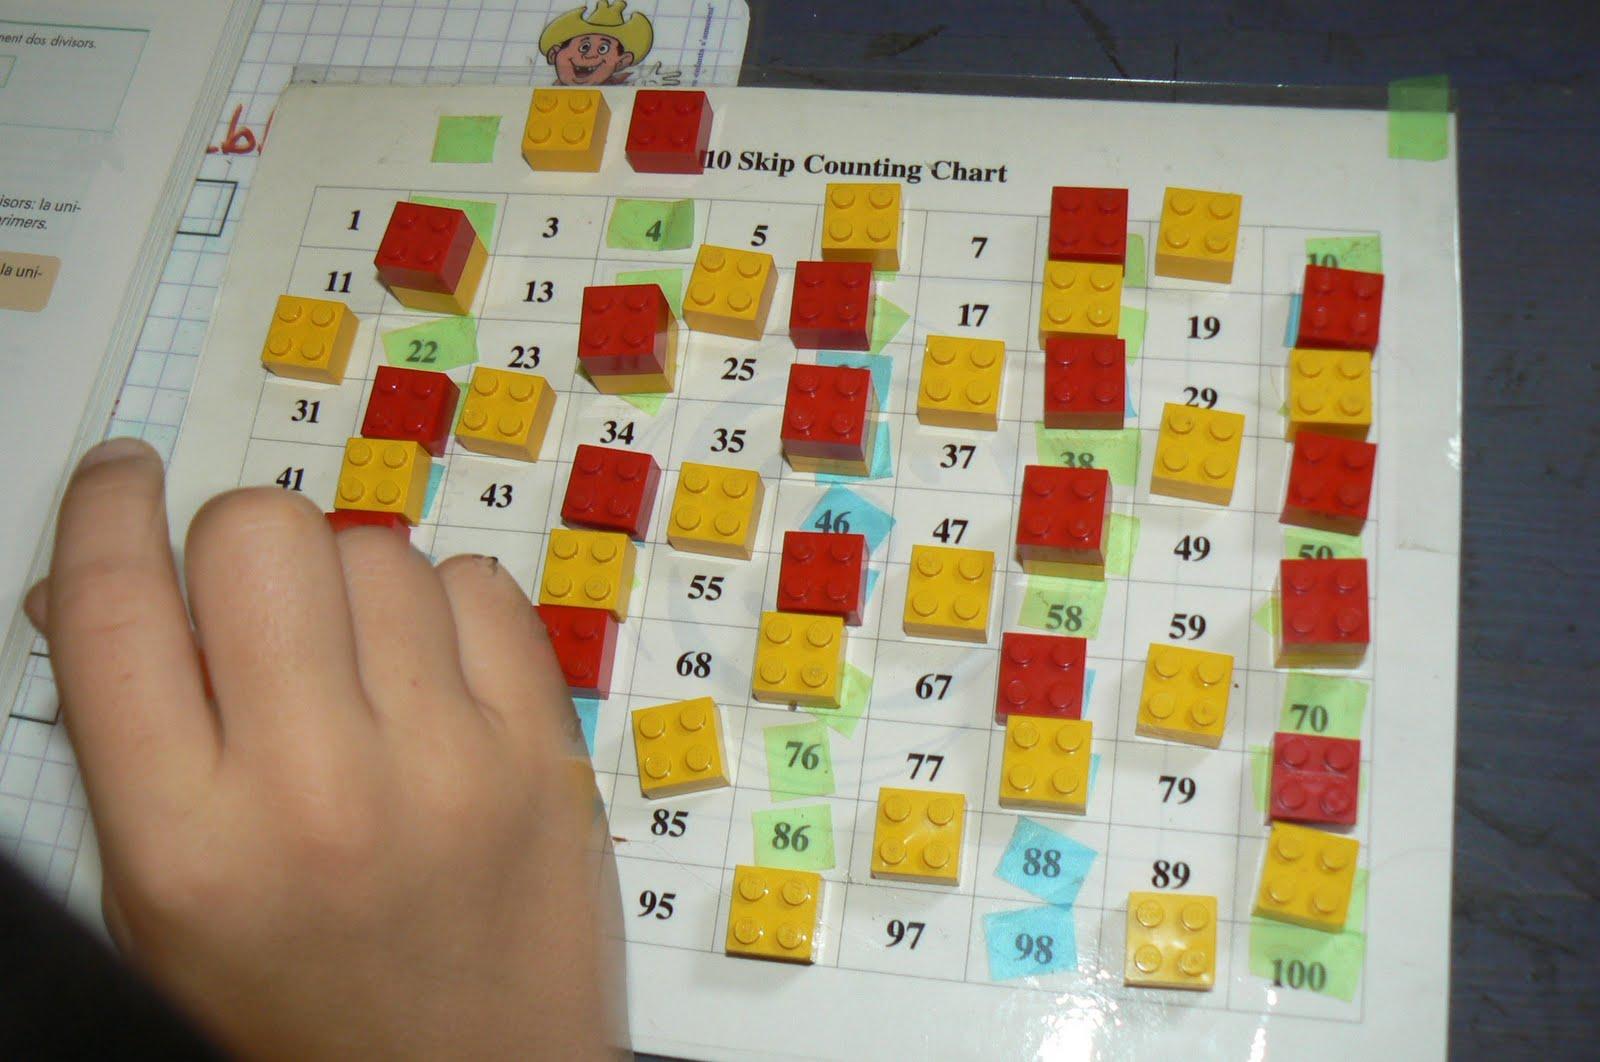 Orca observar recordar crecer y aprender multiples divisores un lego blanco en todos los mltiples de 6 negro en 7 verde en 8 gris en 9 beige en 11 no pusimos en los multiples de 10 porque ya estaban cubiertos de urtaz Image collections